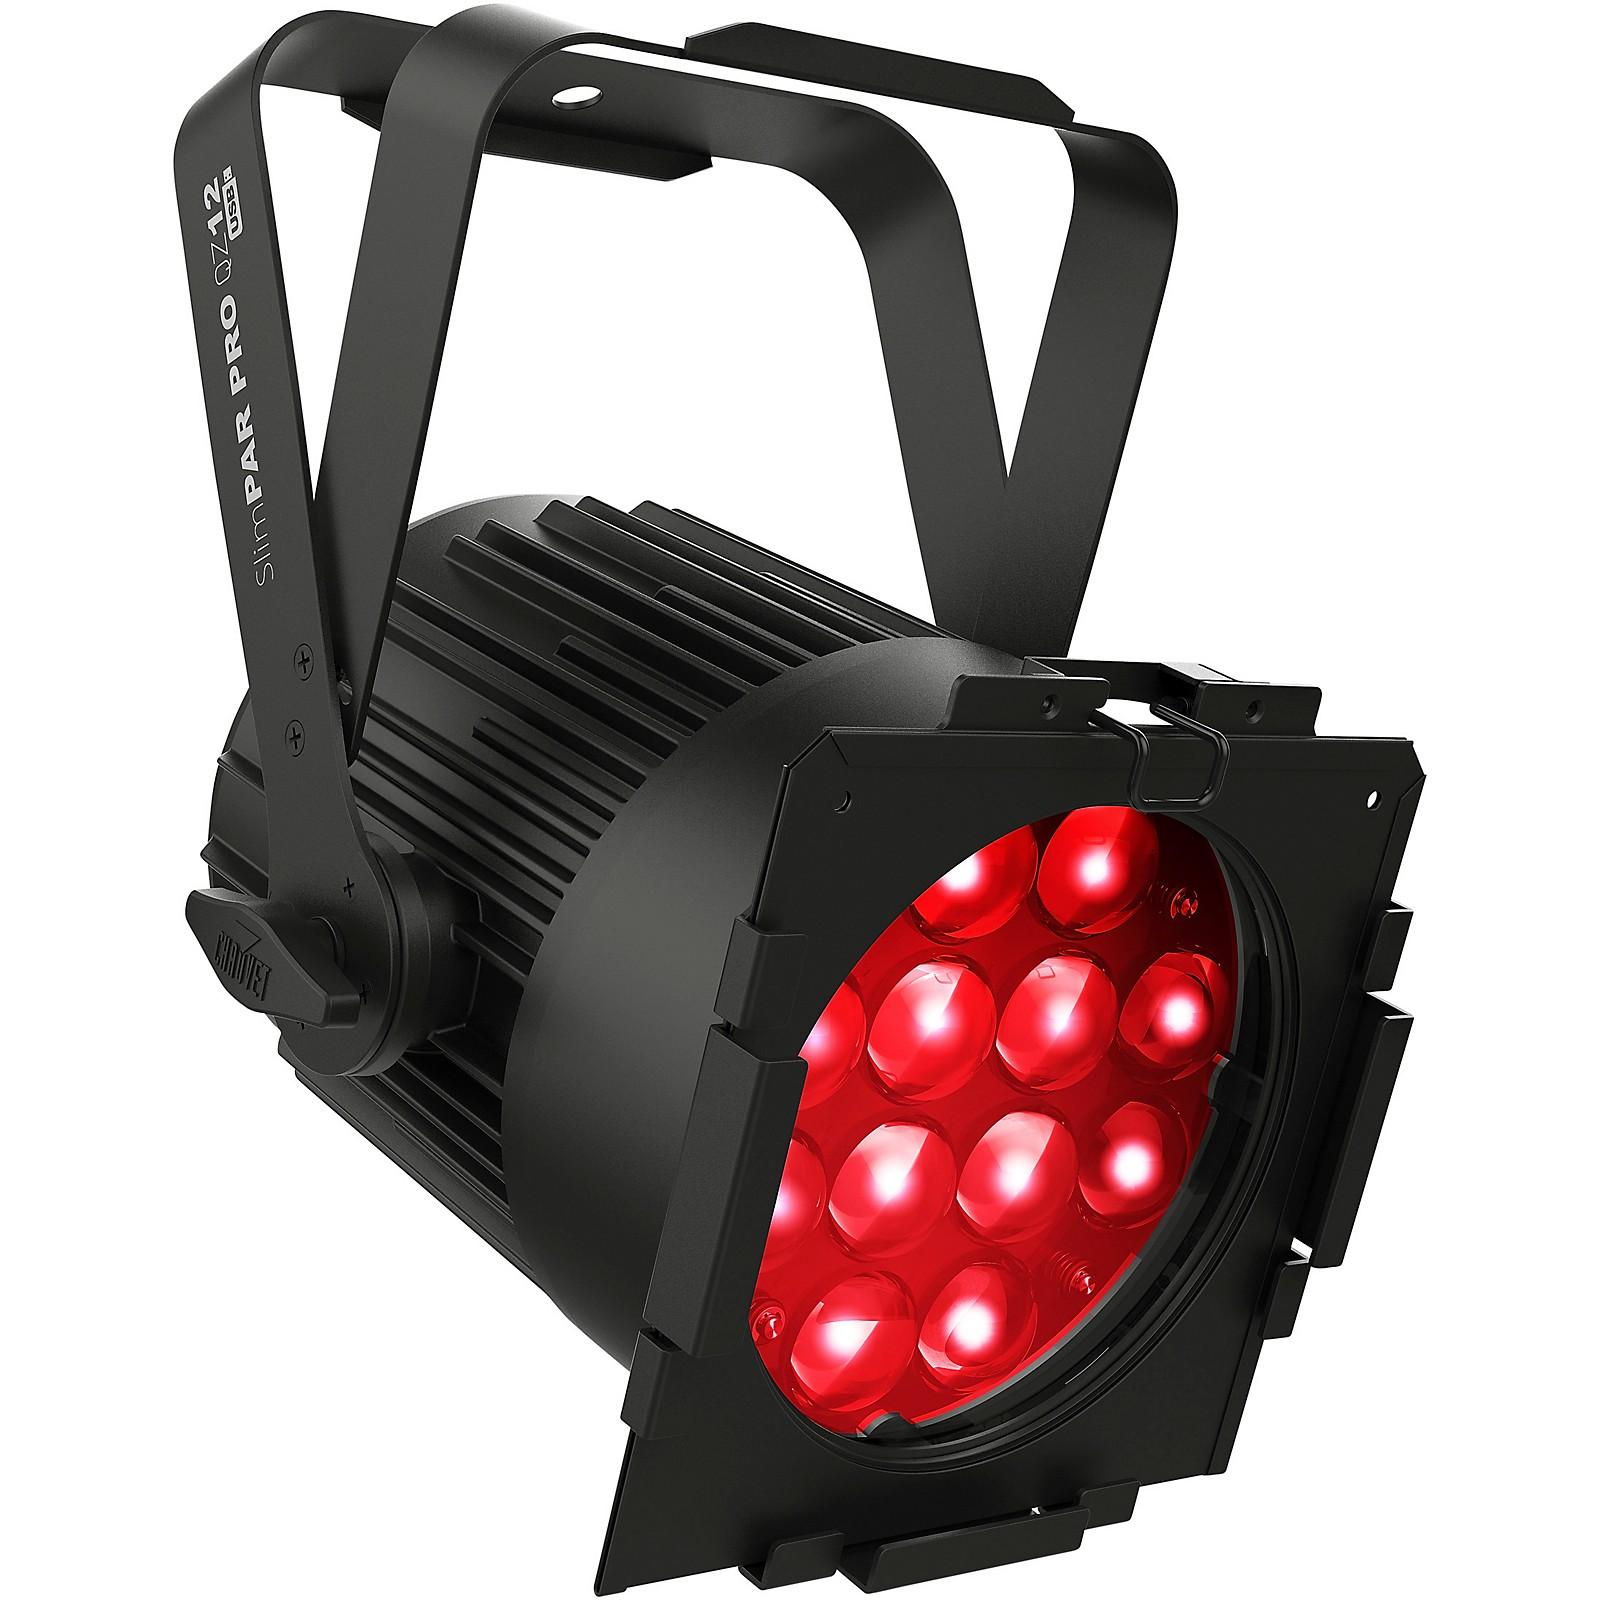 CHAUVET DJ SlimPAR Pro QZ12 USB RGBA LED Wash Light